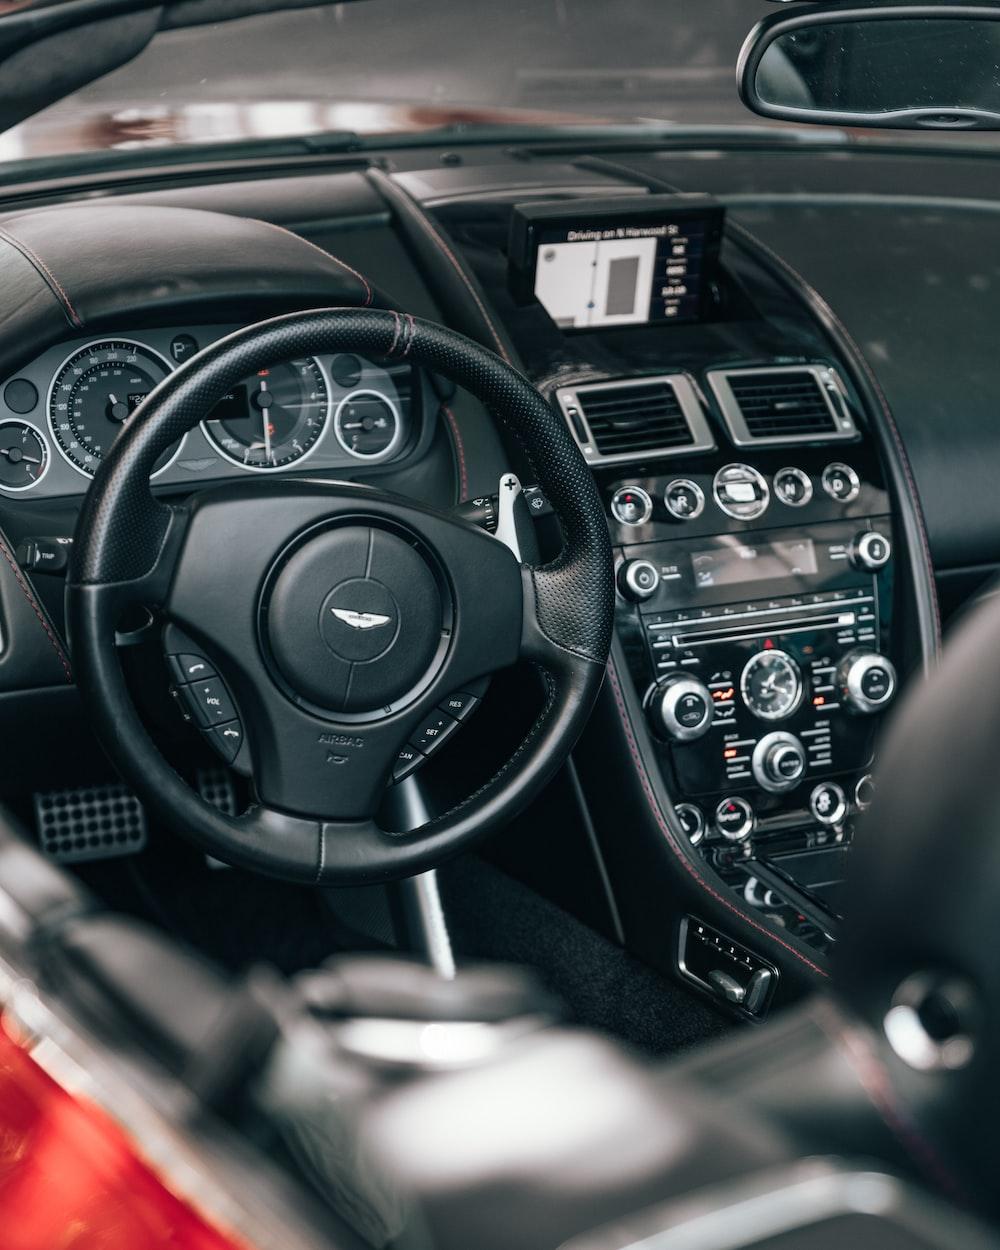 black Aston Martin steering wheel